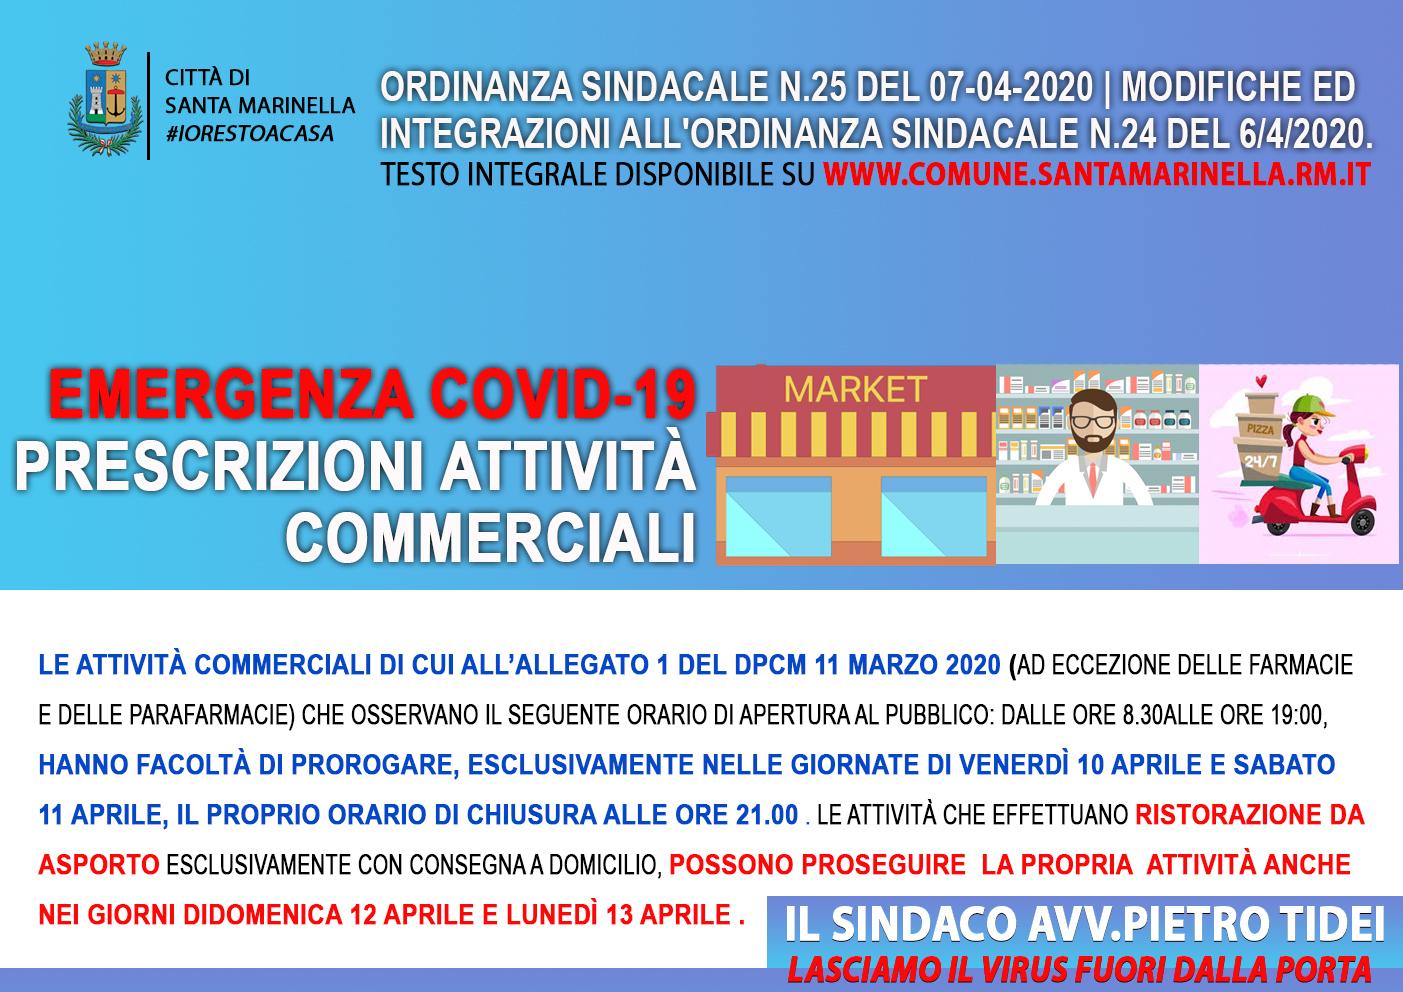 ORDINANZA DEL SINDACO Numero 25 del 07-04-2020 OGGETTO: MODIFICHE ED INTEGRAZIONI ALL'ORDINANZA SINDACALE N.24 DEL 6/4/2020.